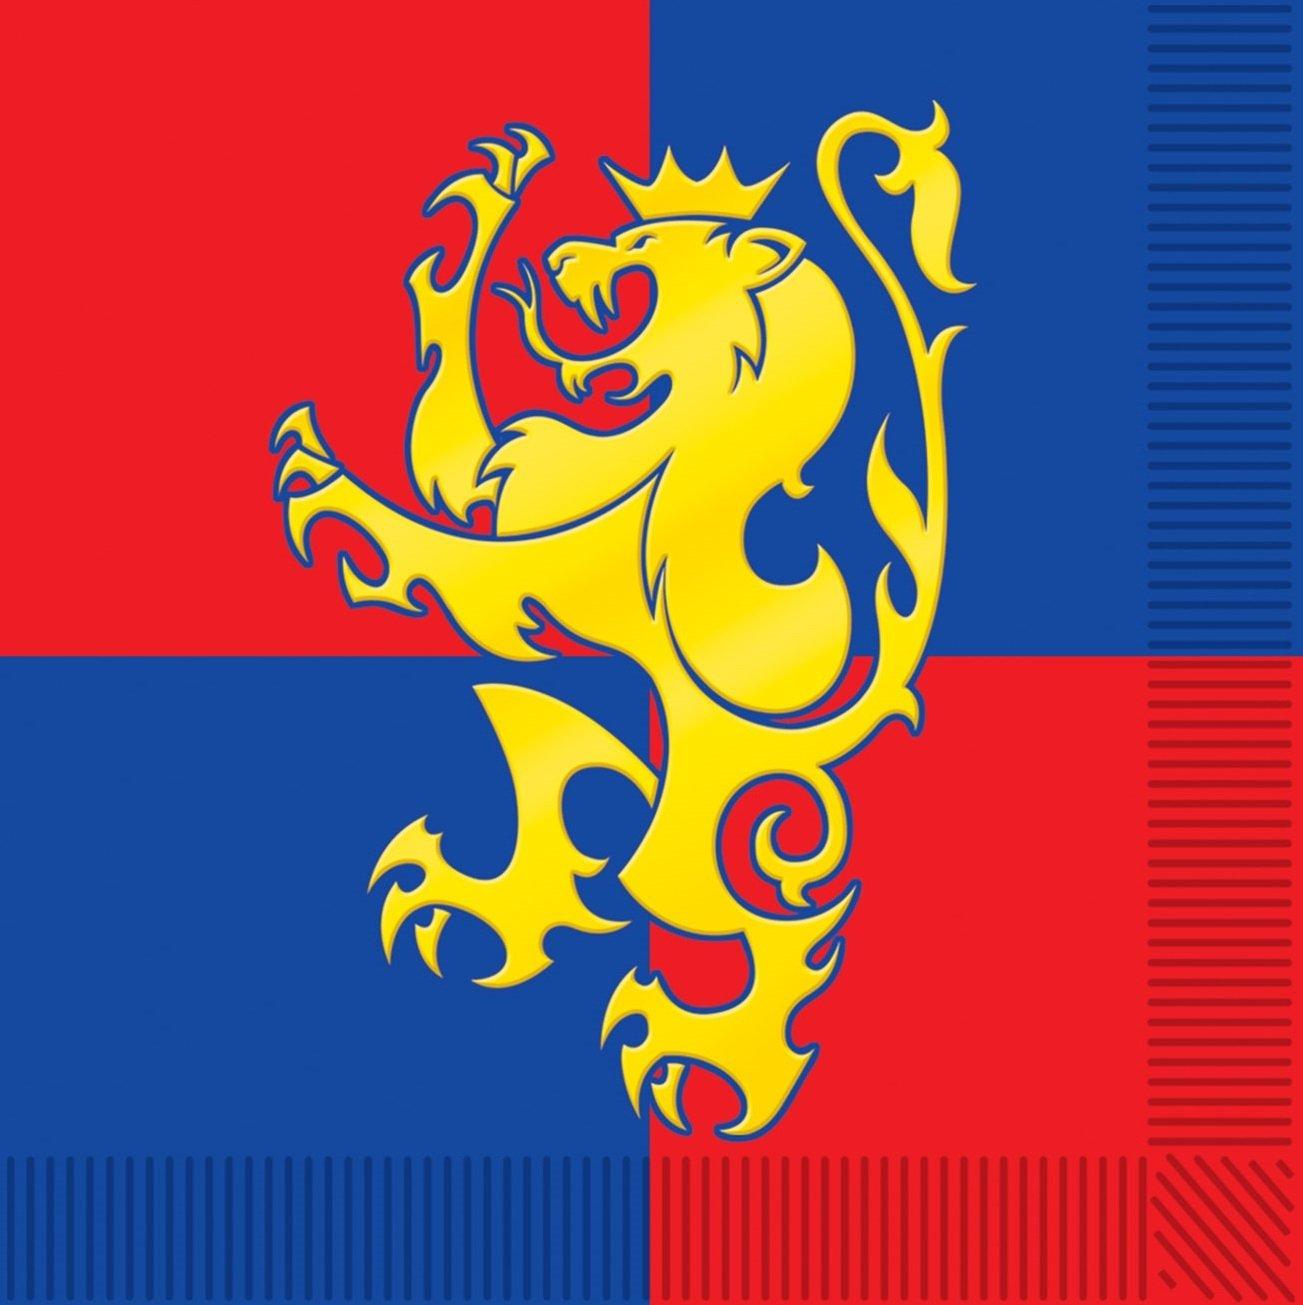 blau-rot-gelb